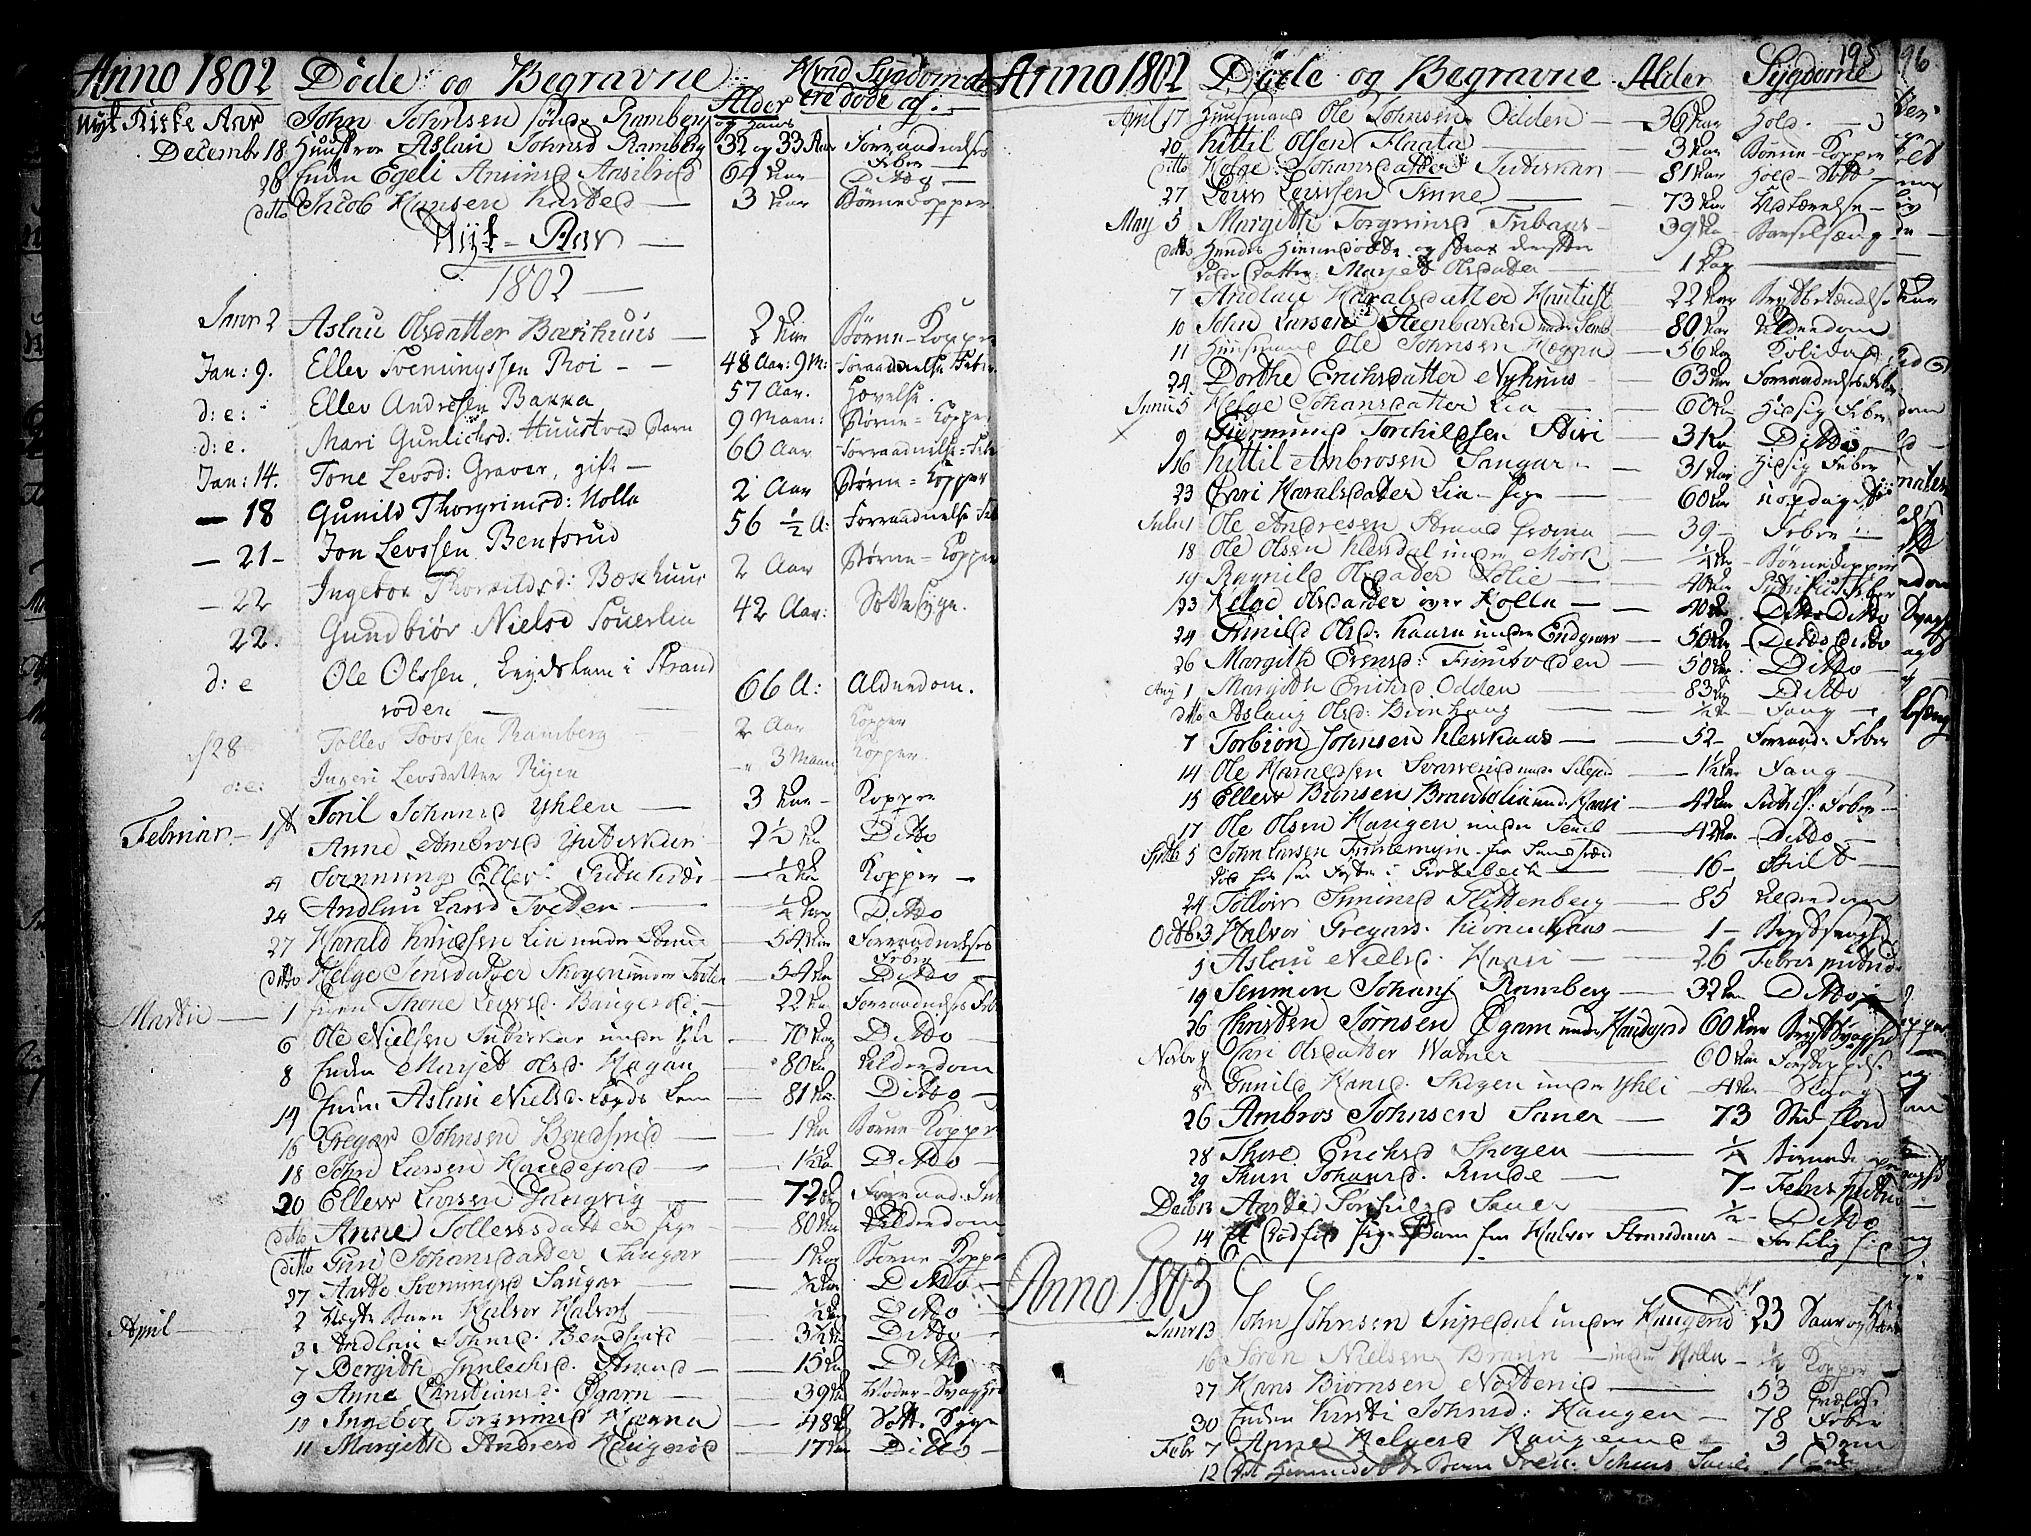 SAKO, Heddal kirkebøker, F/Fa/L0004: Ministerialbok nr. I 4, 1784-1814, s. 195